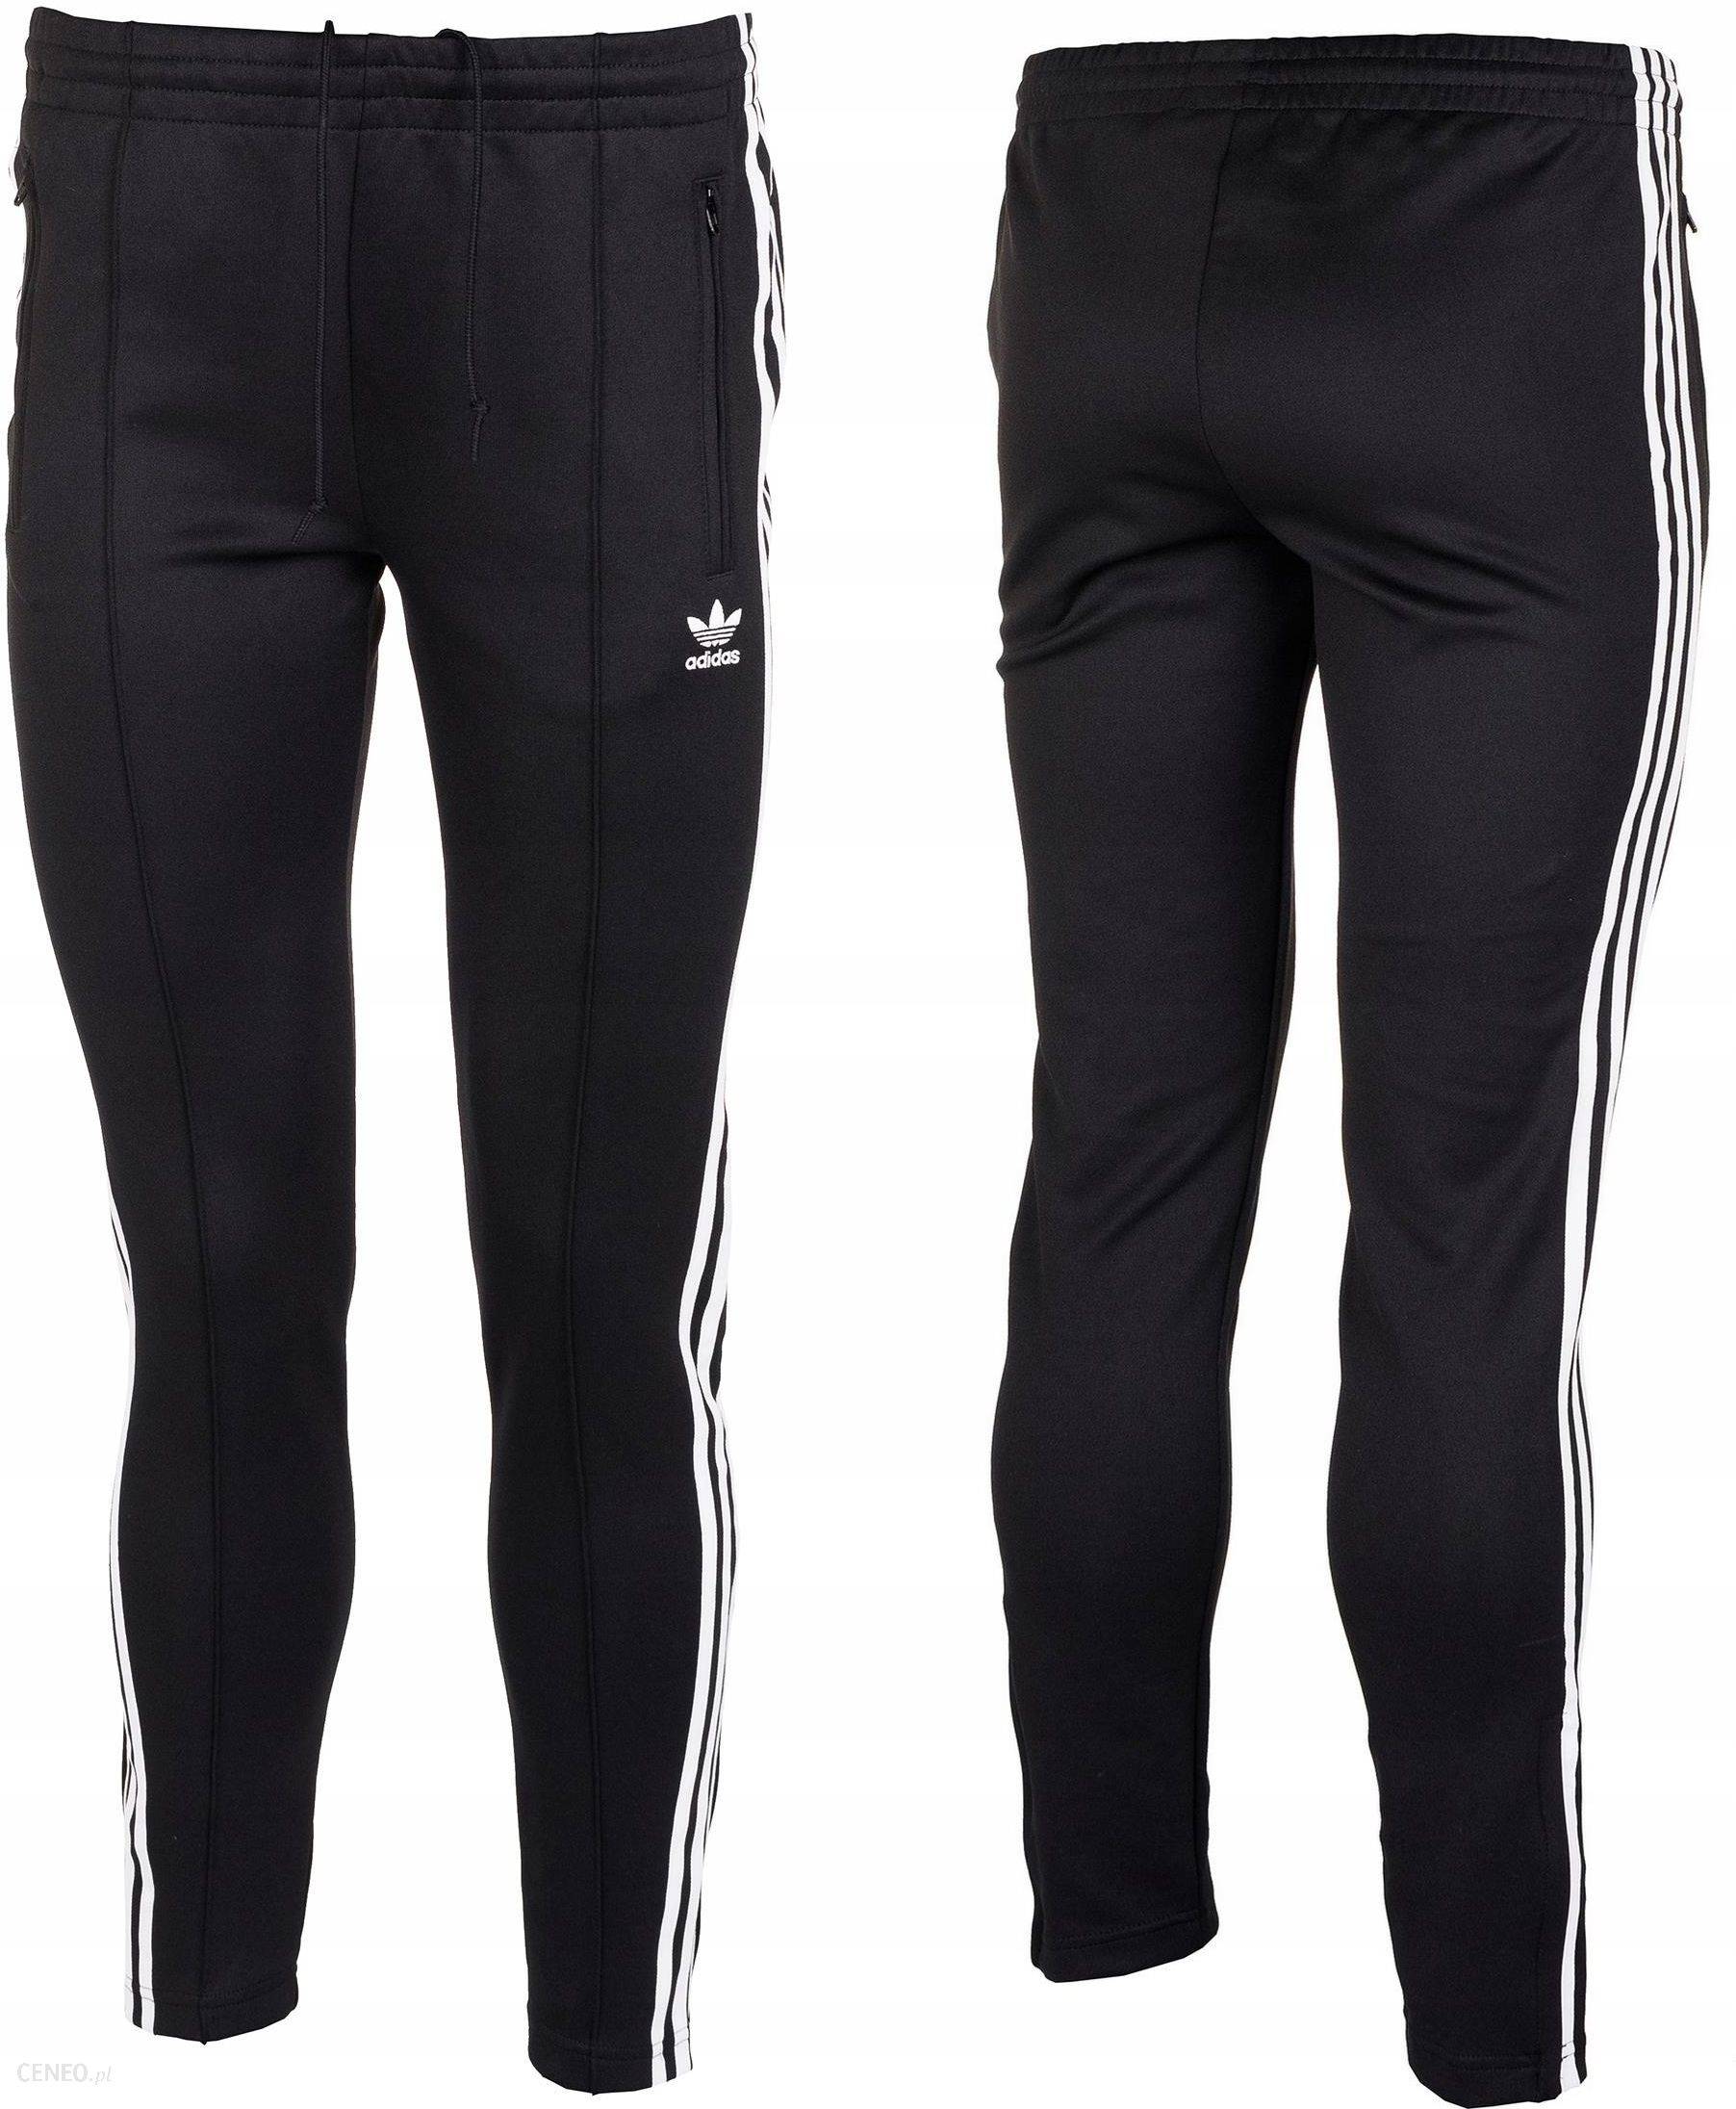 36 Spodnie Dresowe Adidas CE2400 Czarne Damskie Ceny i opinie Ceneo.pl